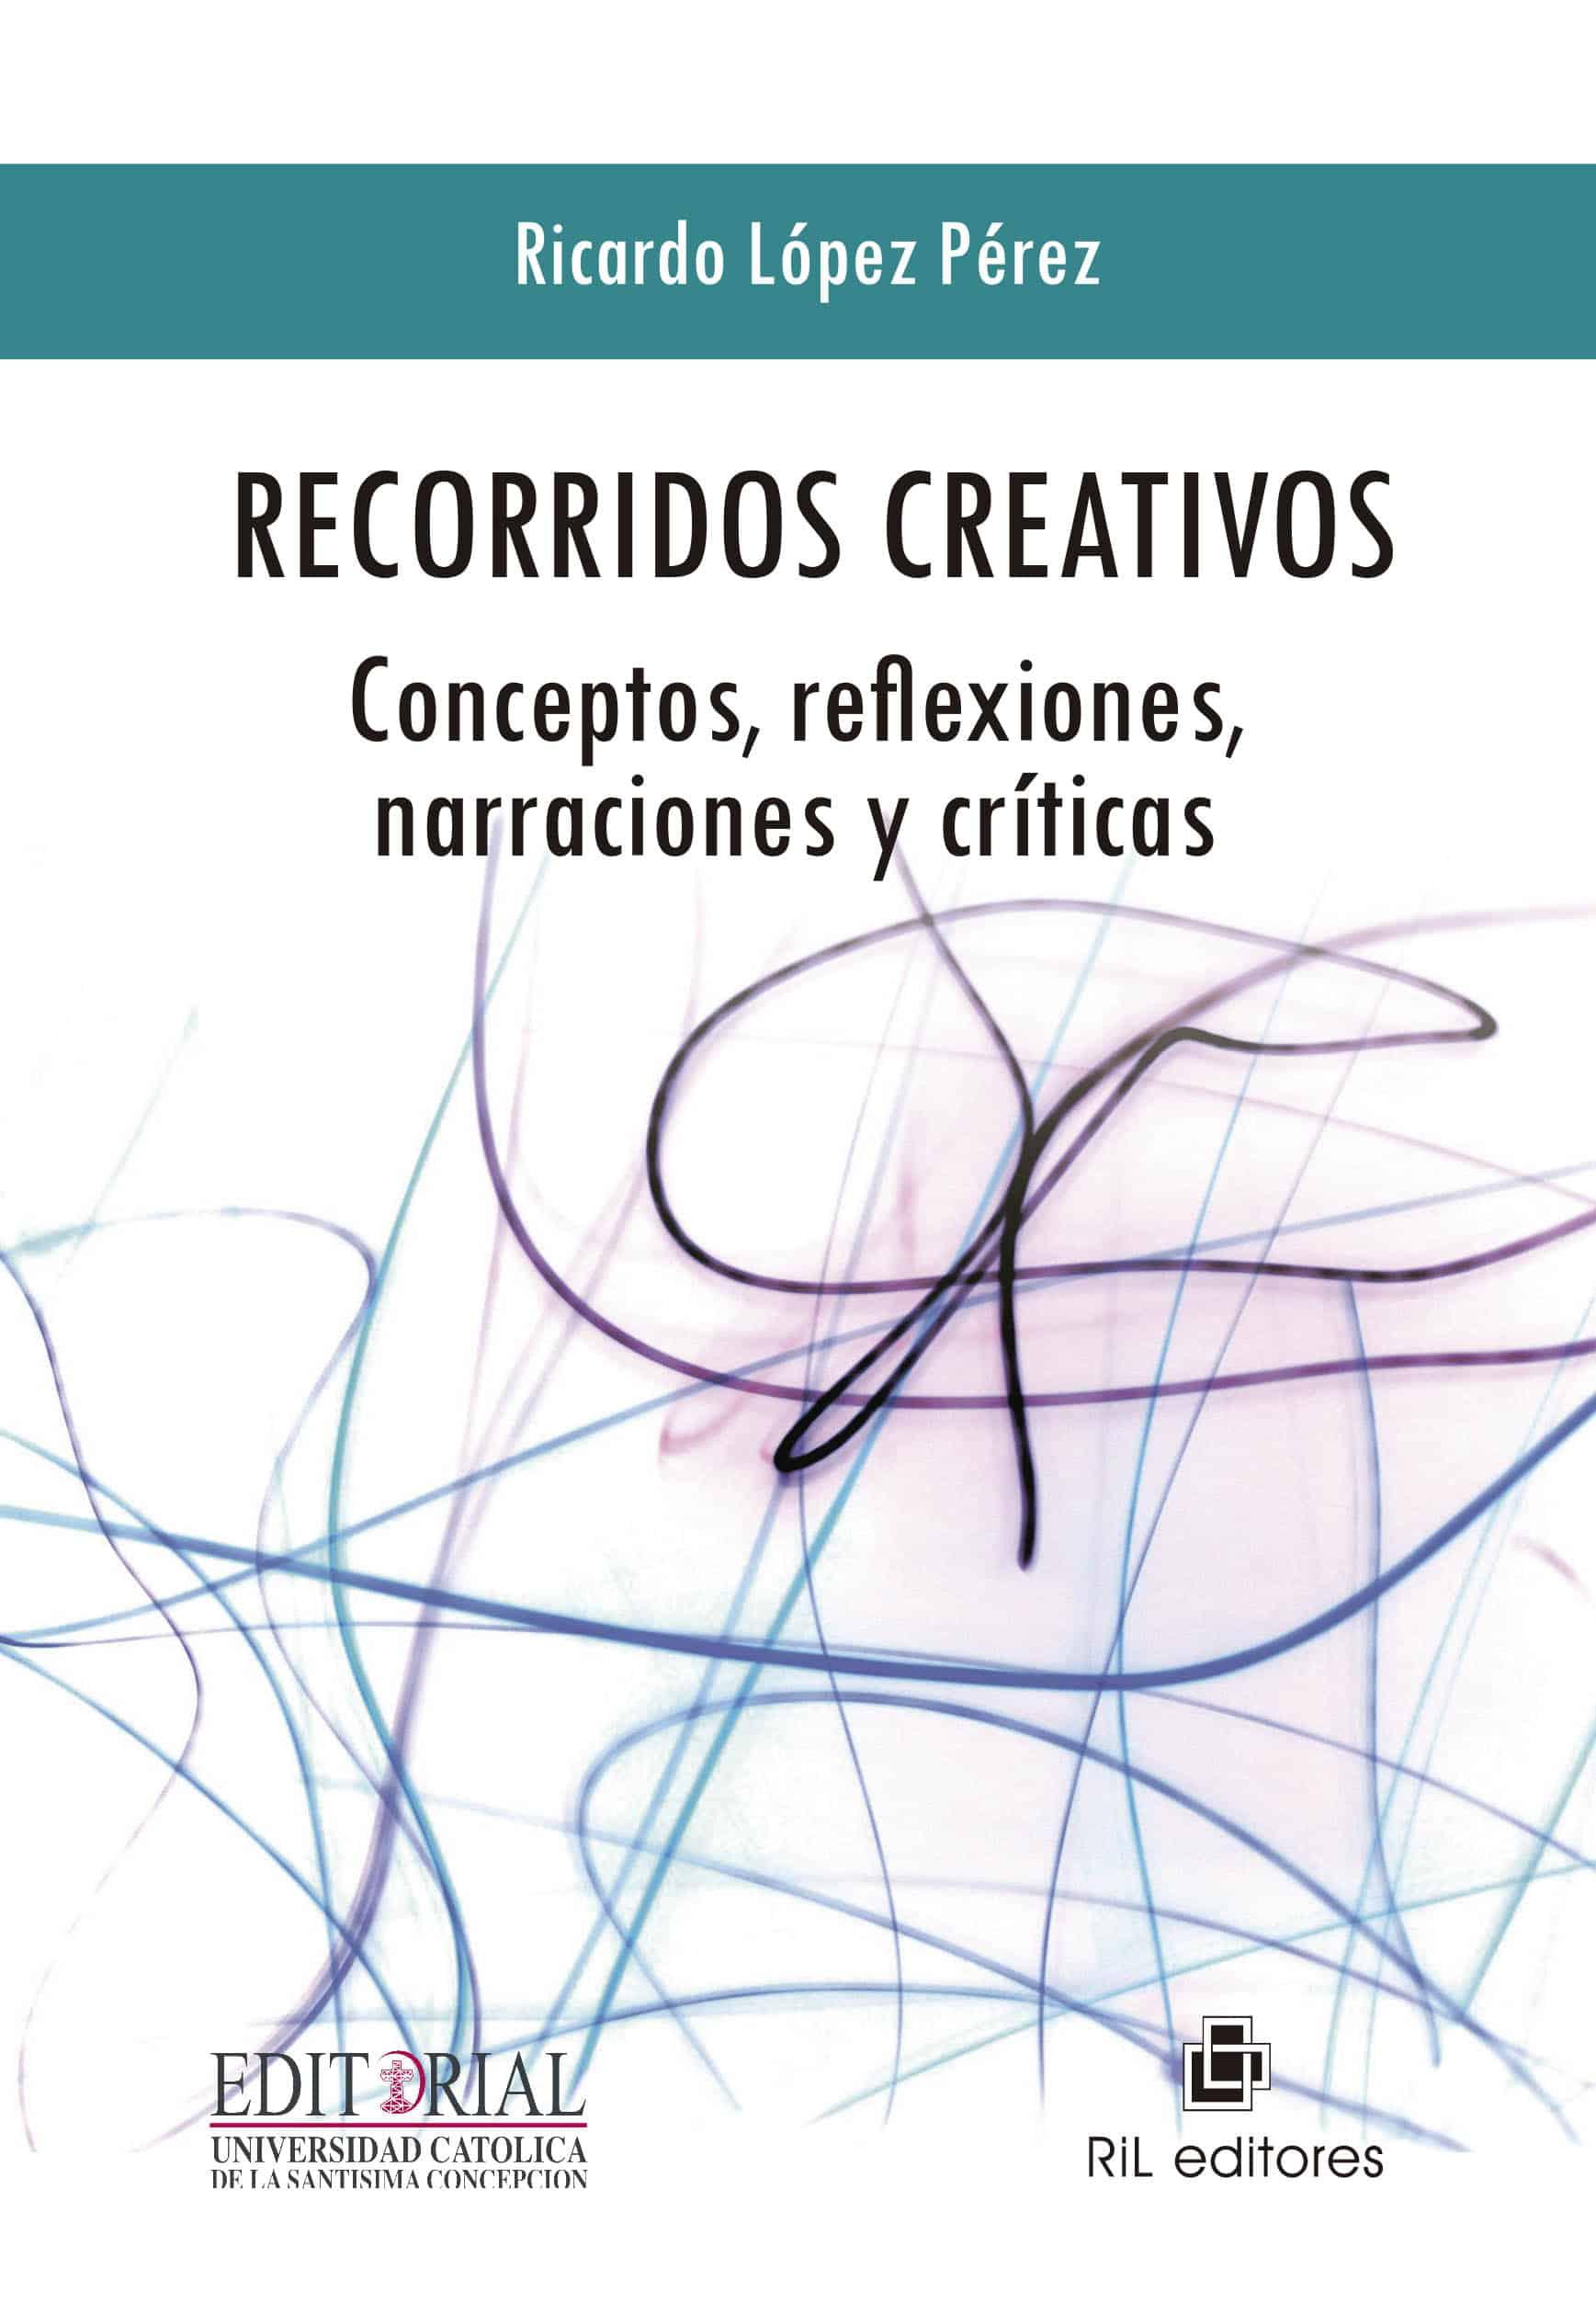 Recorridos creativos: conceptos, reflexiones, narraciones y críticas 1